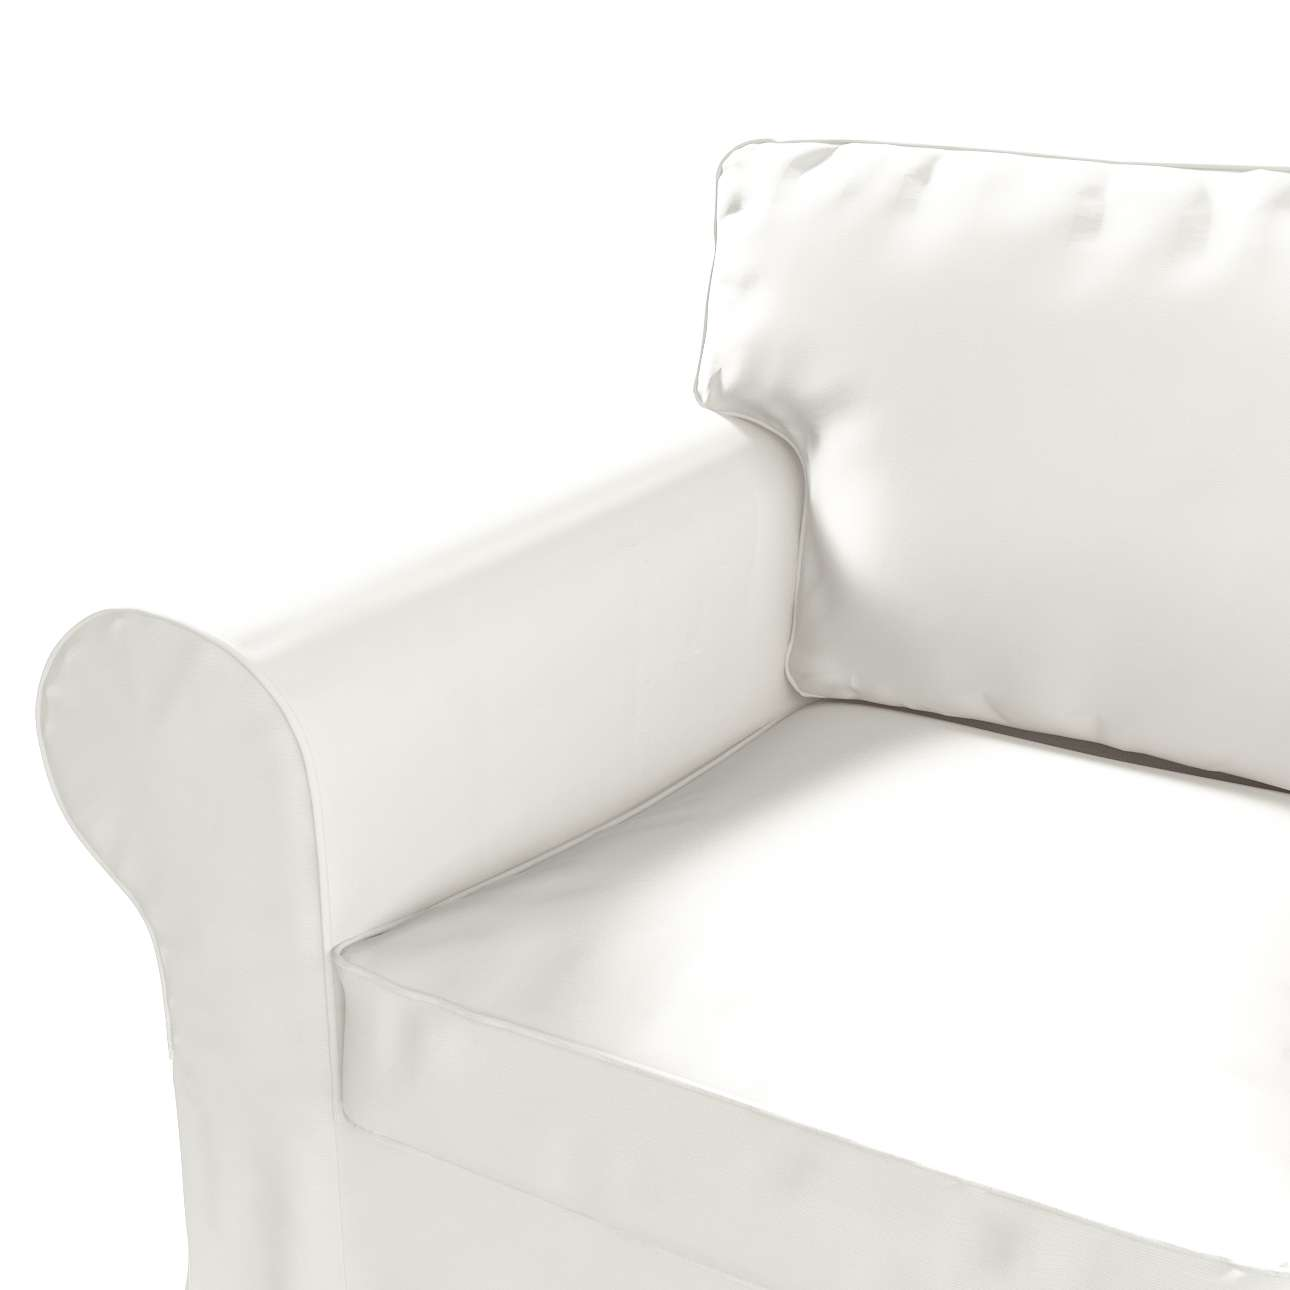 Pokrowiec na fotel Ektorp Fotel Ektorp w kolekcji Cotton Panama, tkanina: 702-34